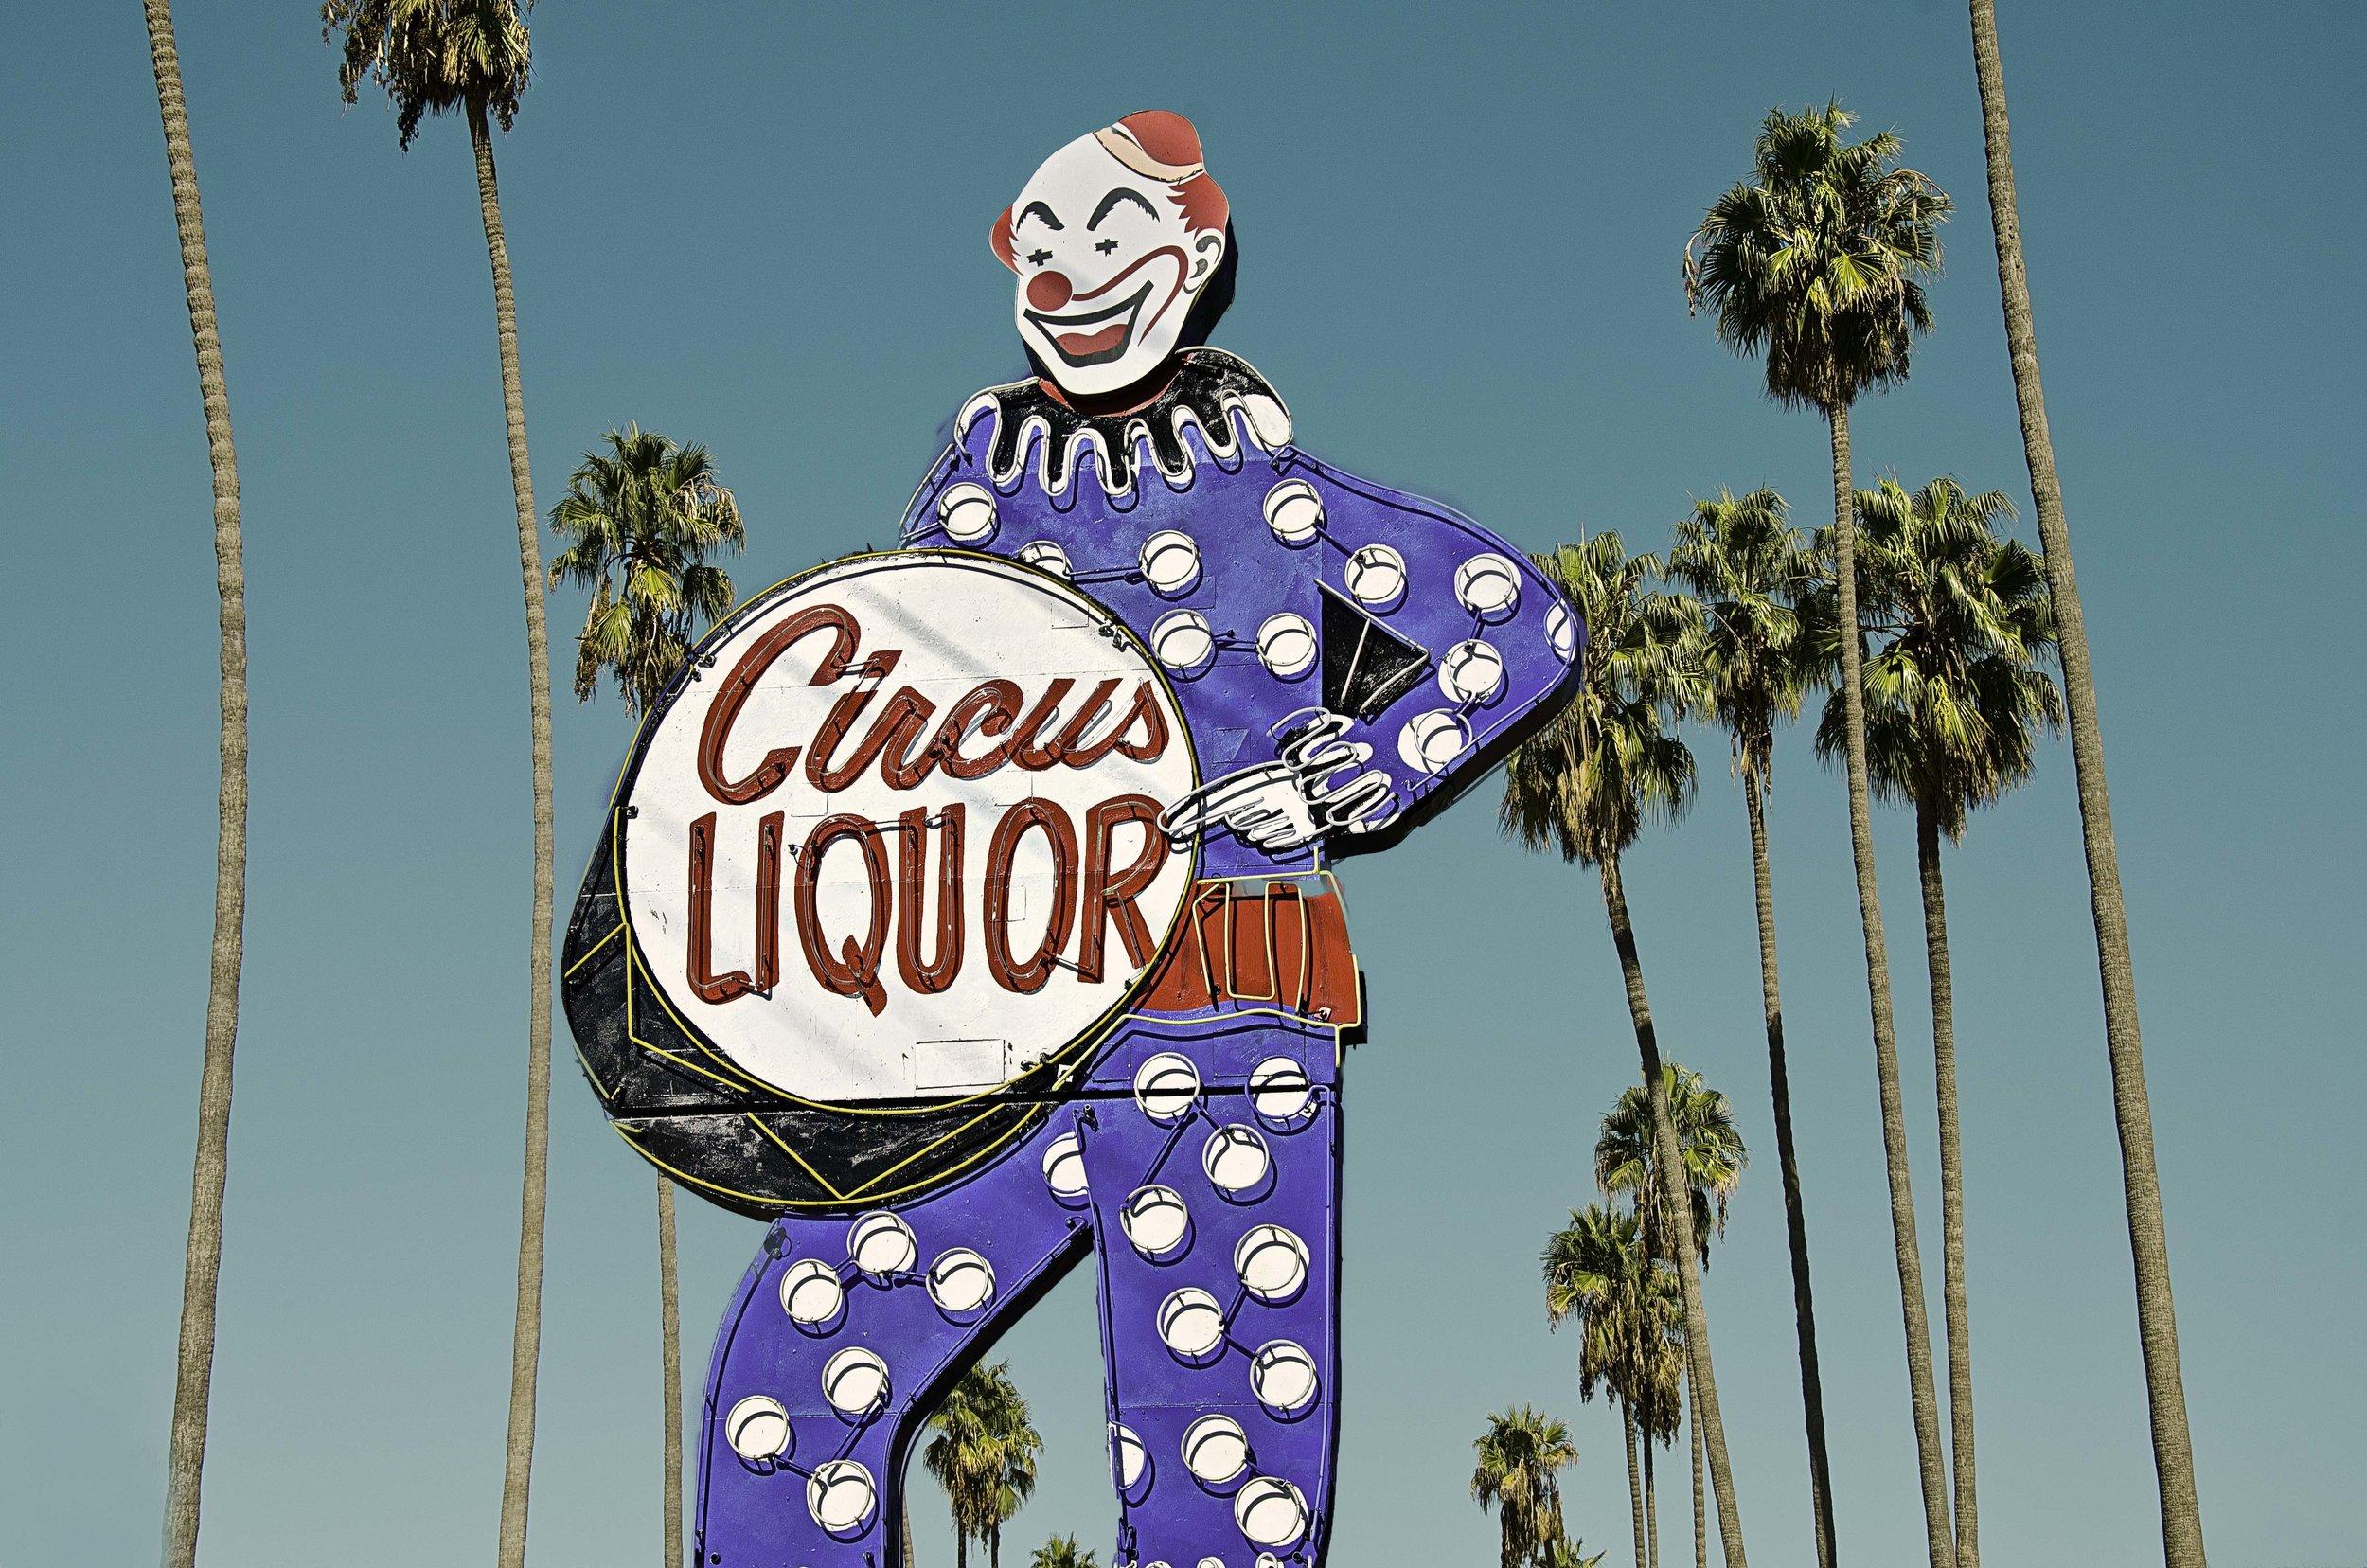 L.A. Clown